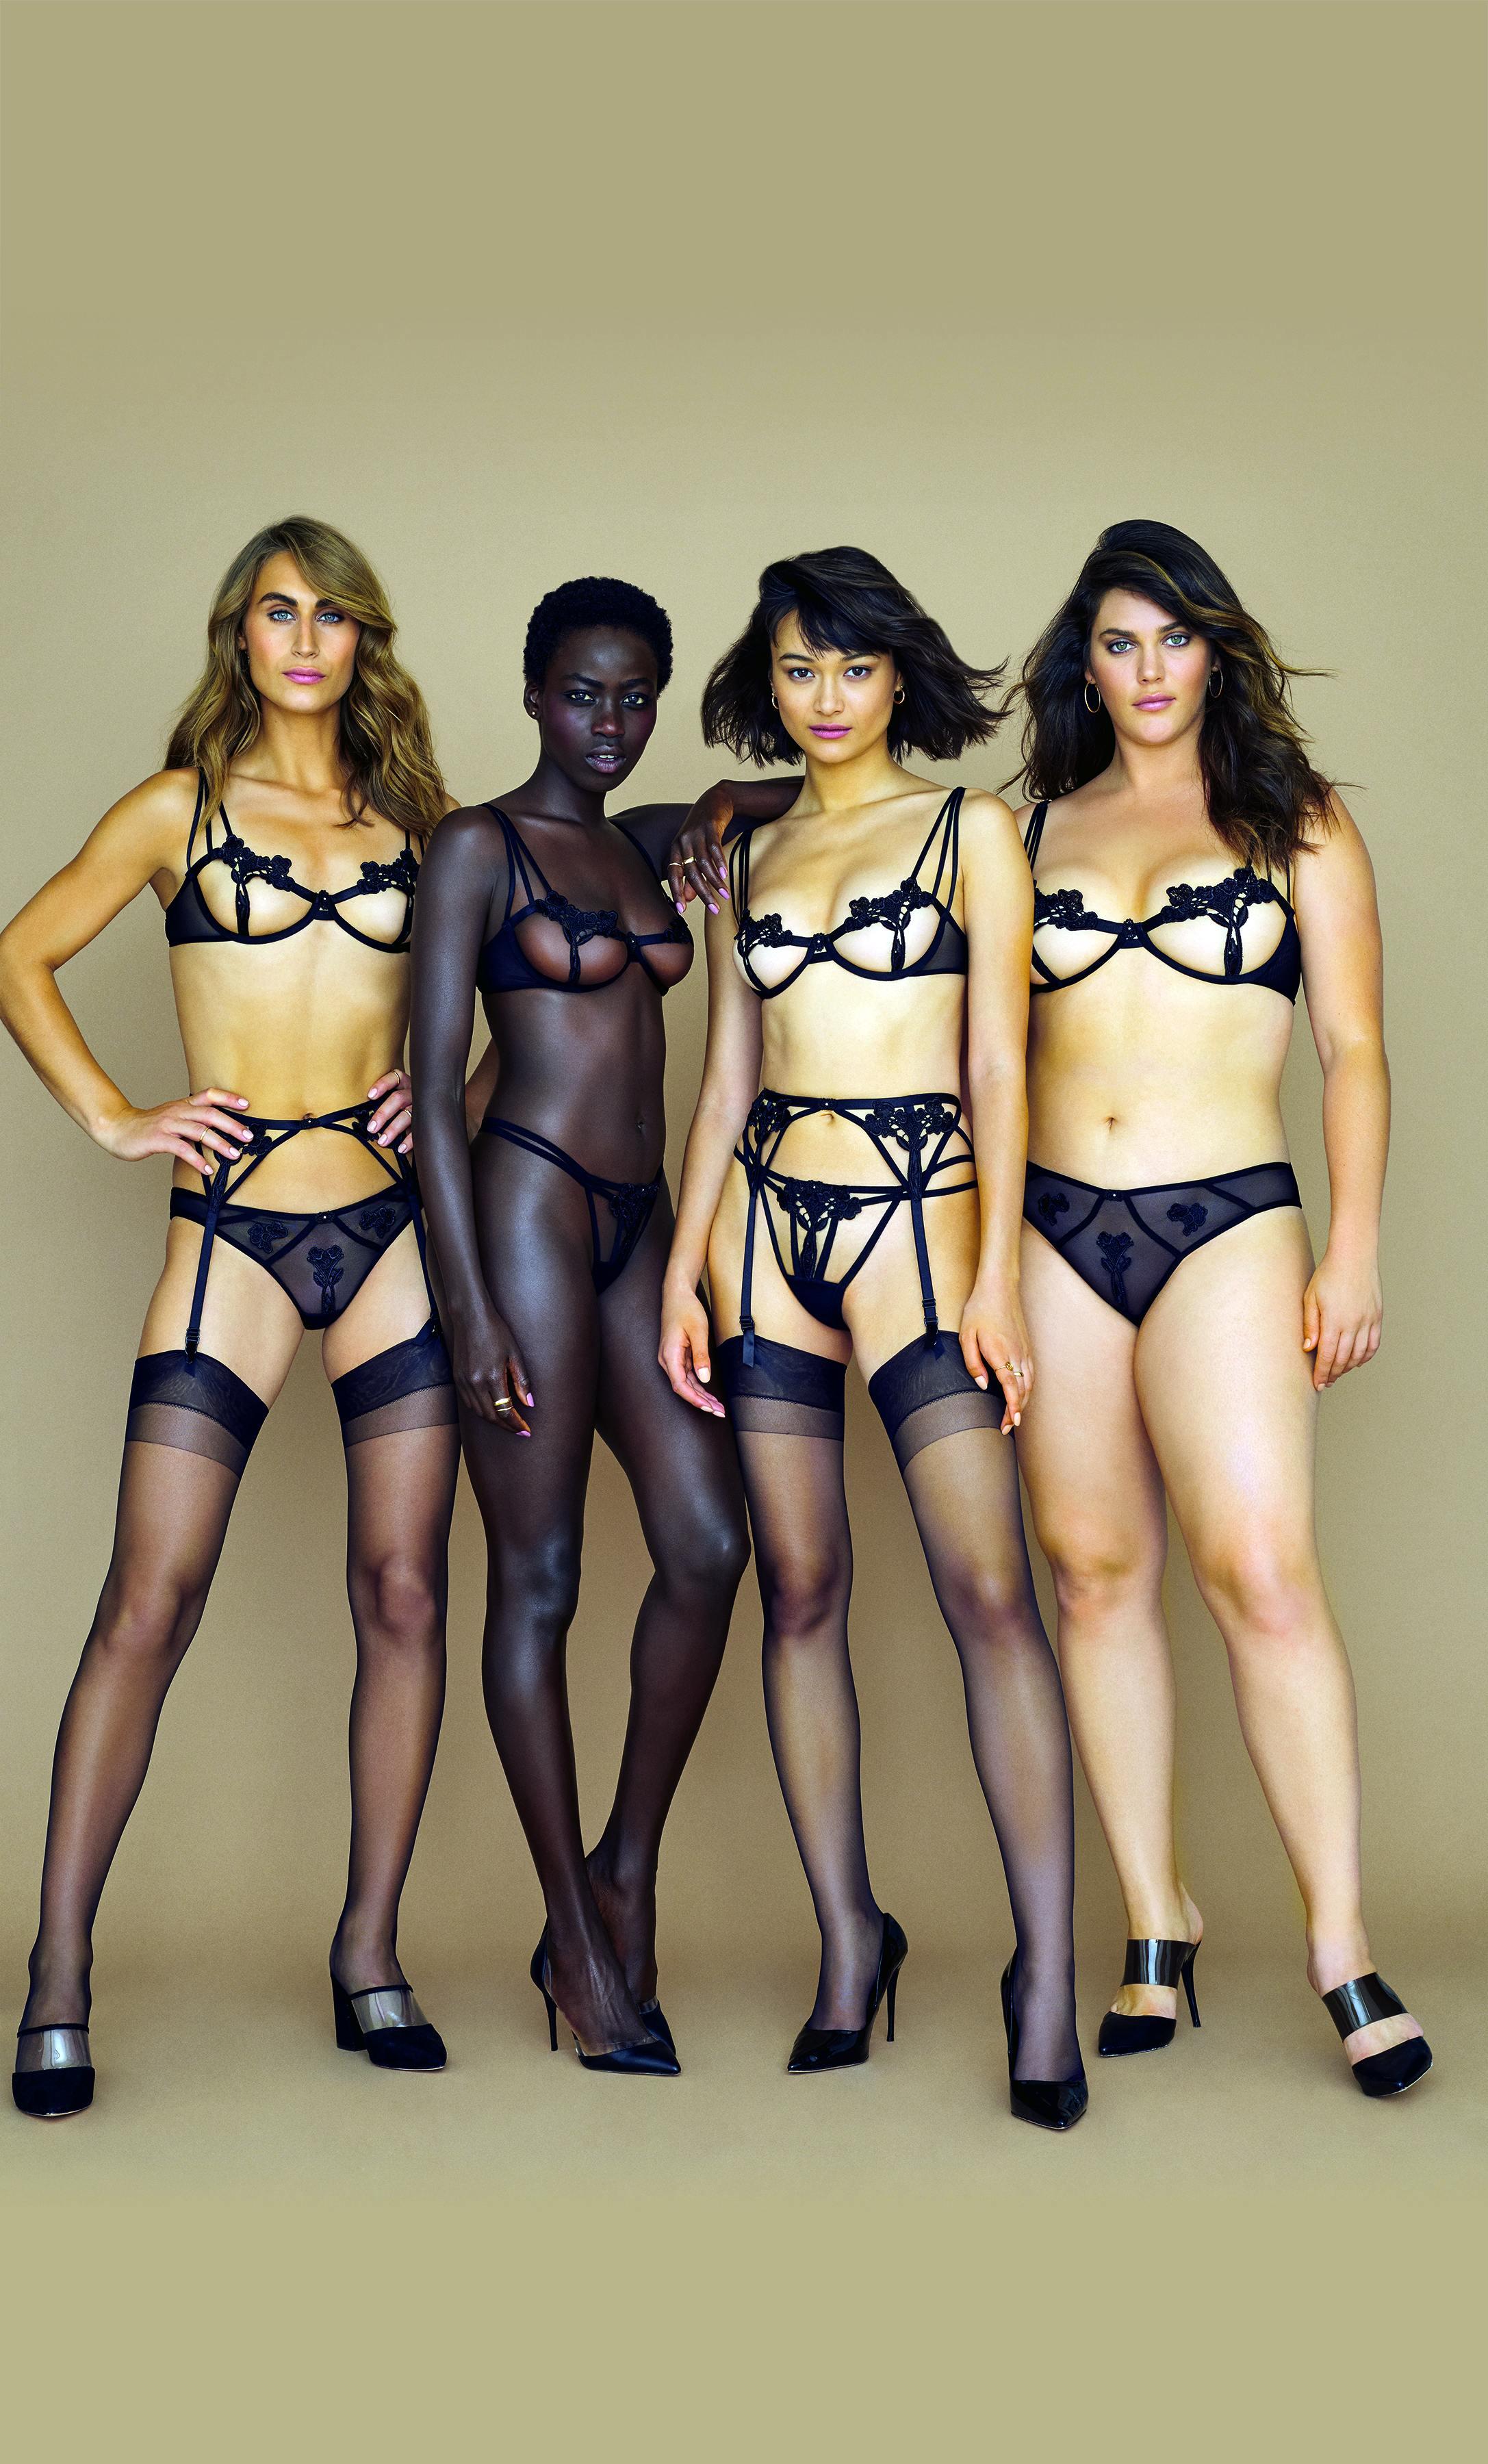 Май Симон Лифшиц (крайняя слева) иАли Тейт Катлер (крайняя справа) вкампании Victoria's Secret иBluebella